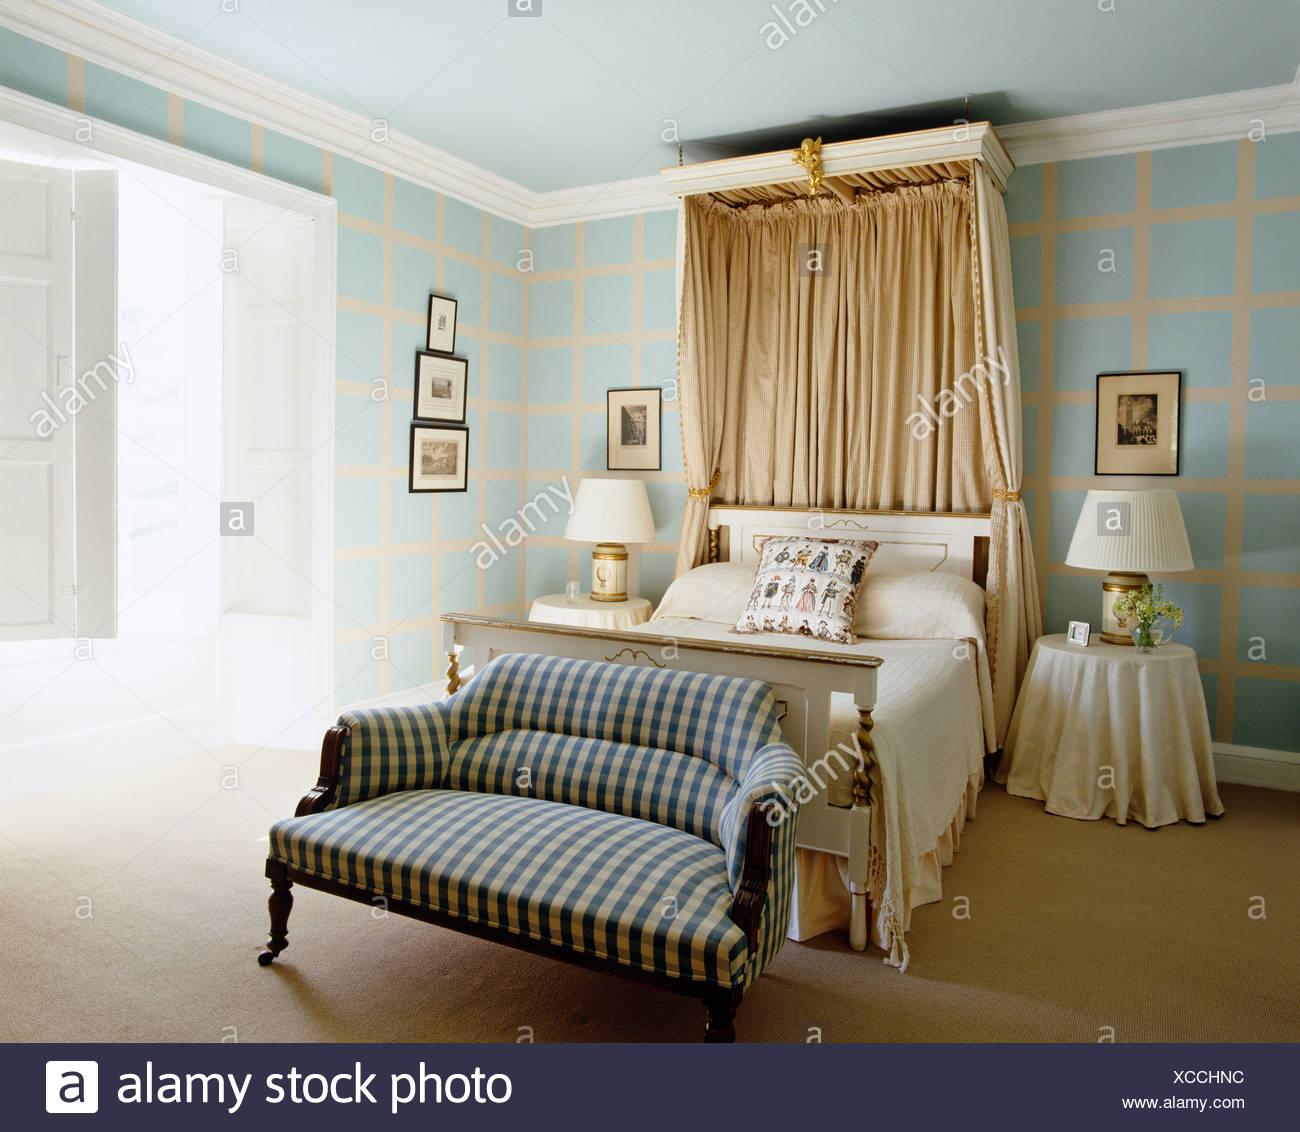 Rideaux en soie beige au-dessus de l\'auvent sur lit dans chambre ...